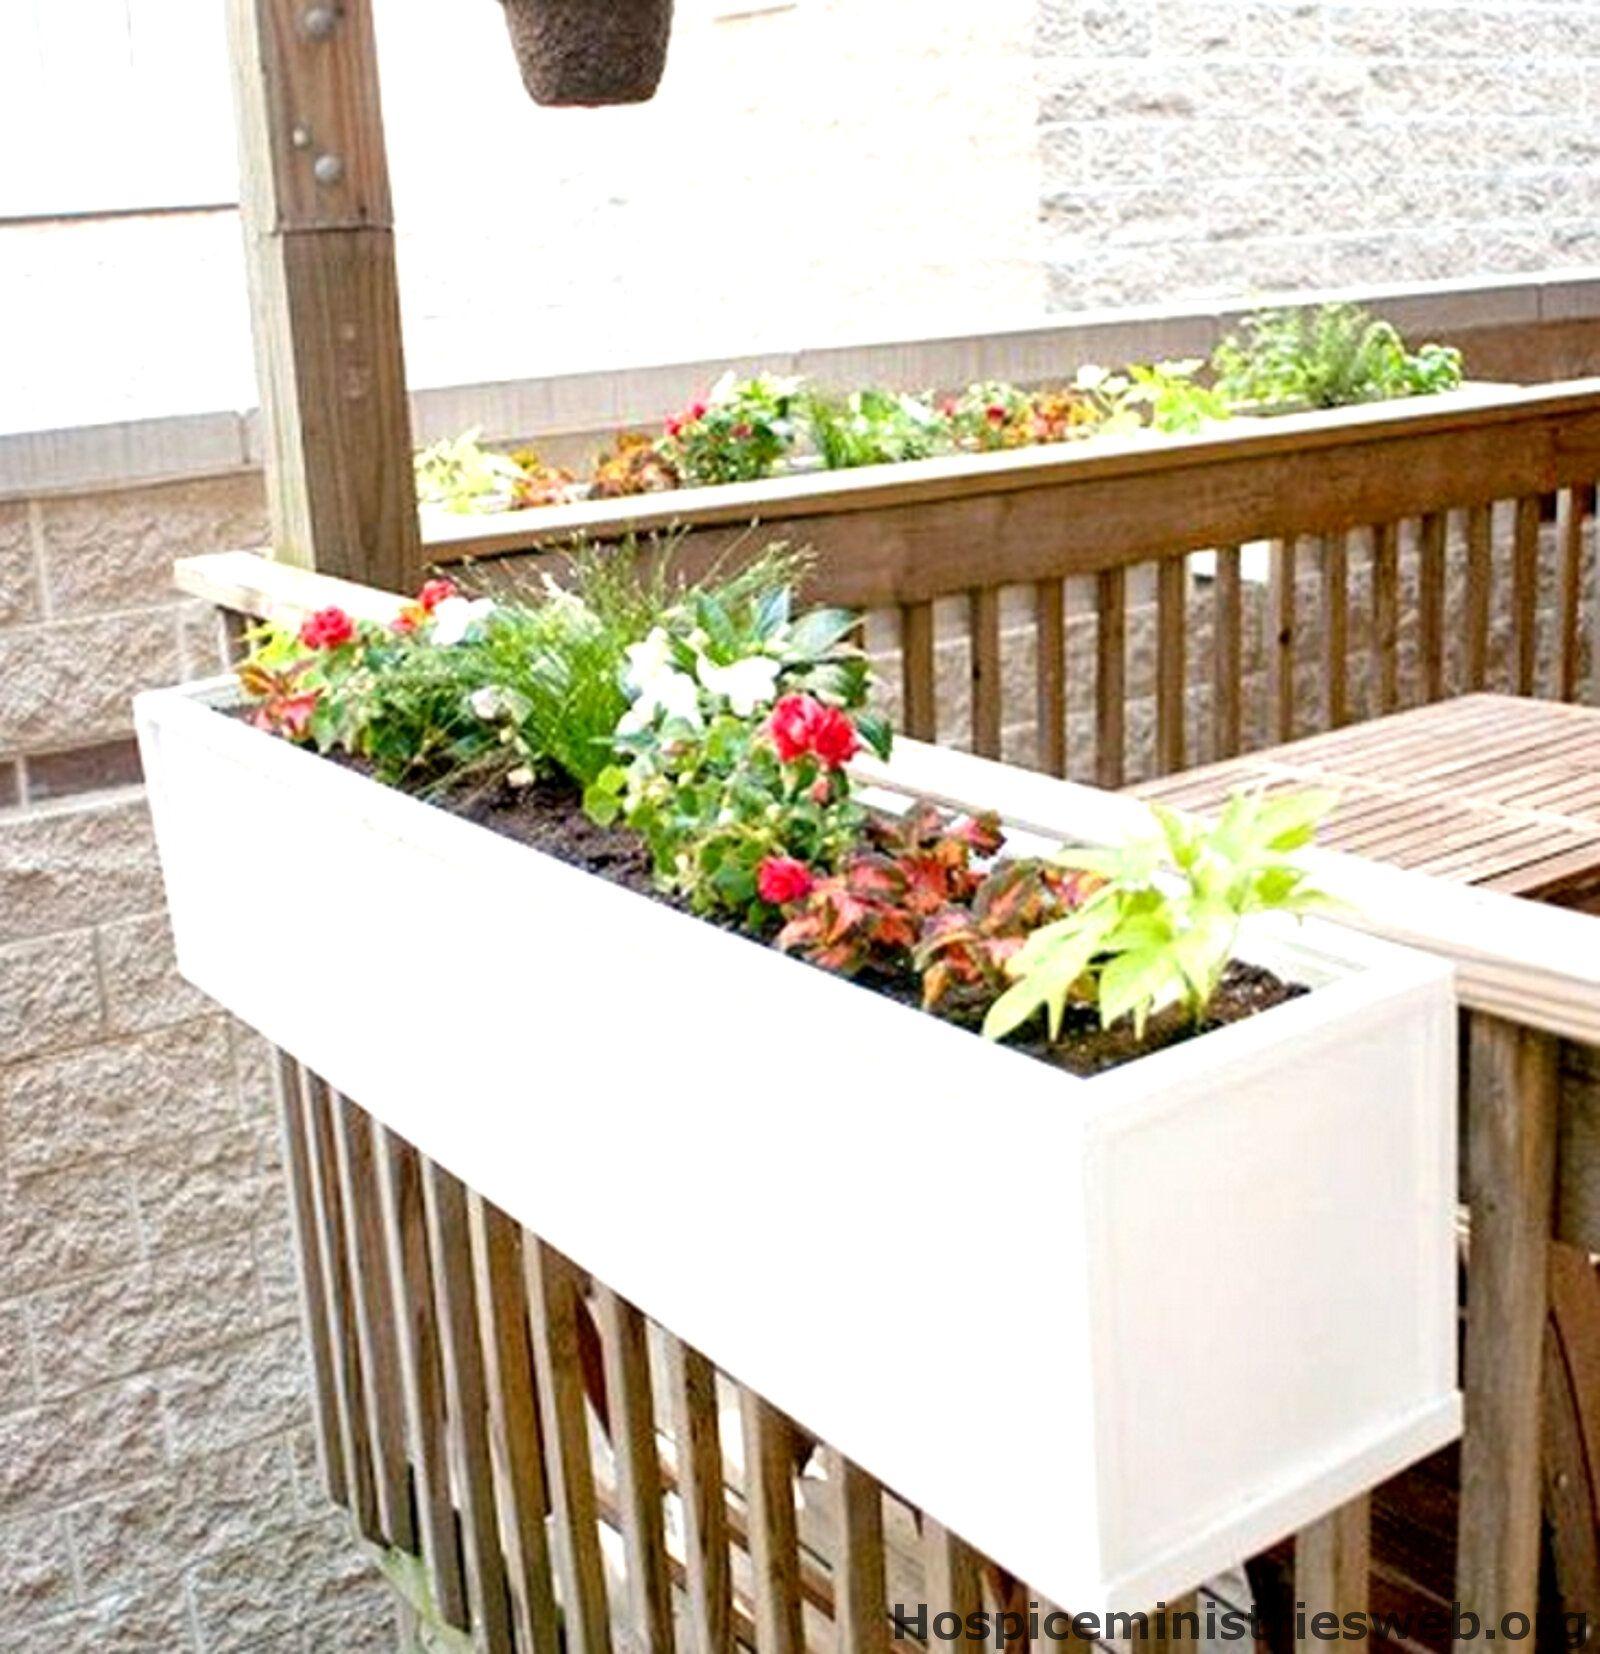 pflanzkübel polyrattan | blumenkästen balkon selber bauen ideen, Gartenarbeit ideen